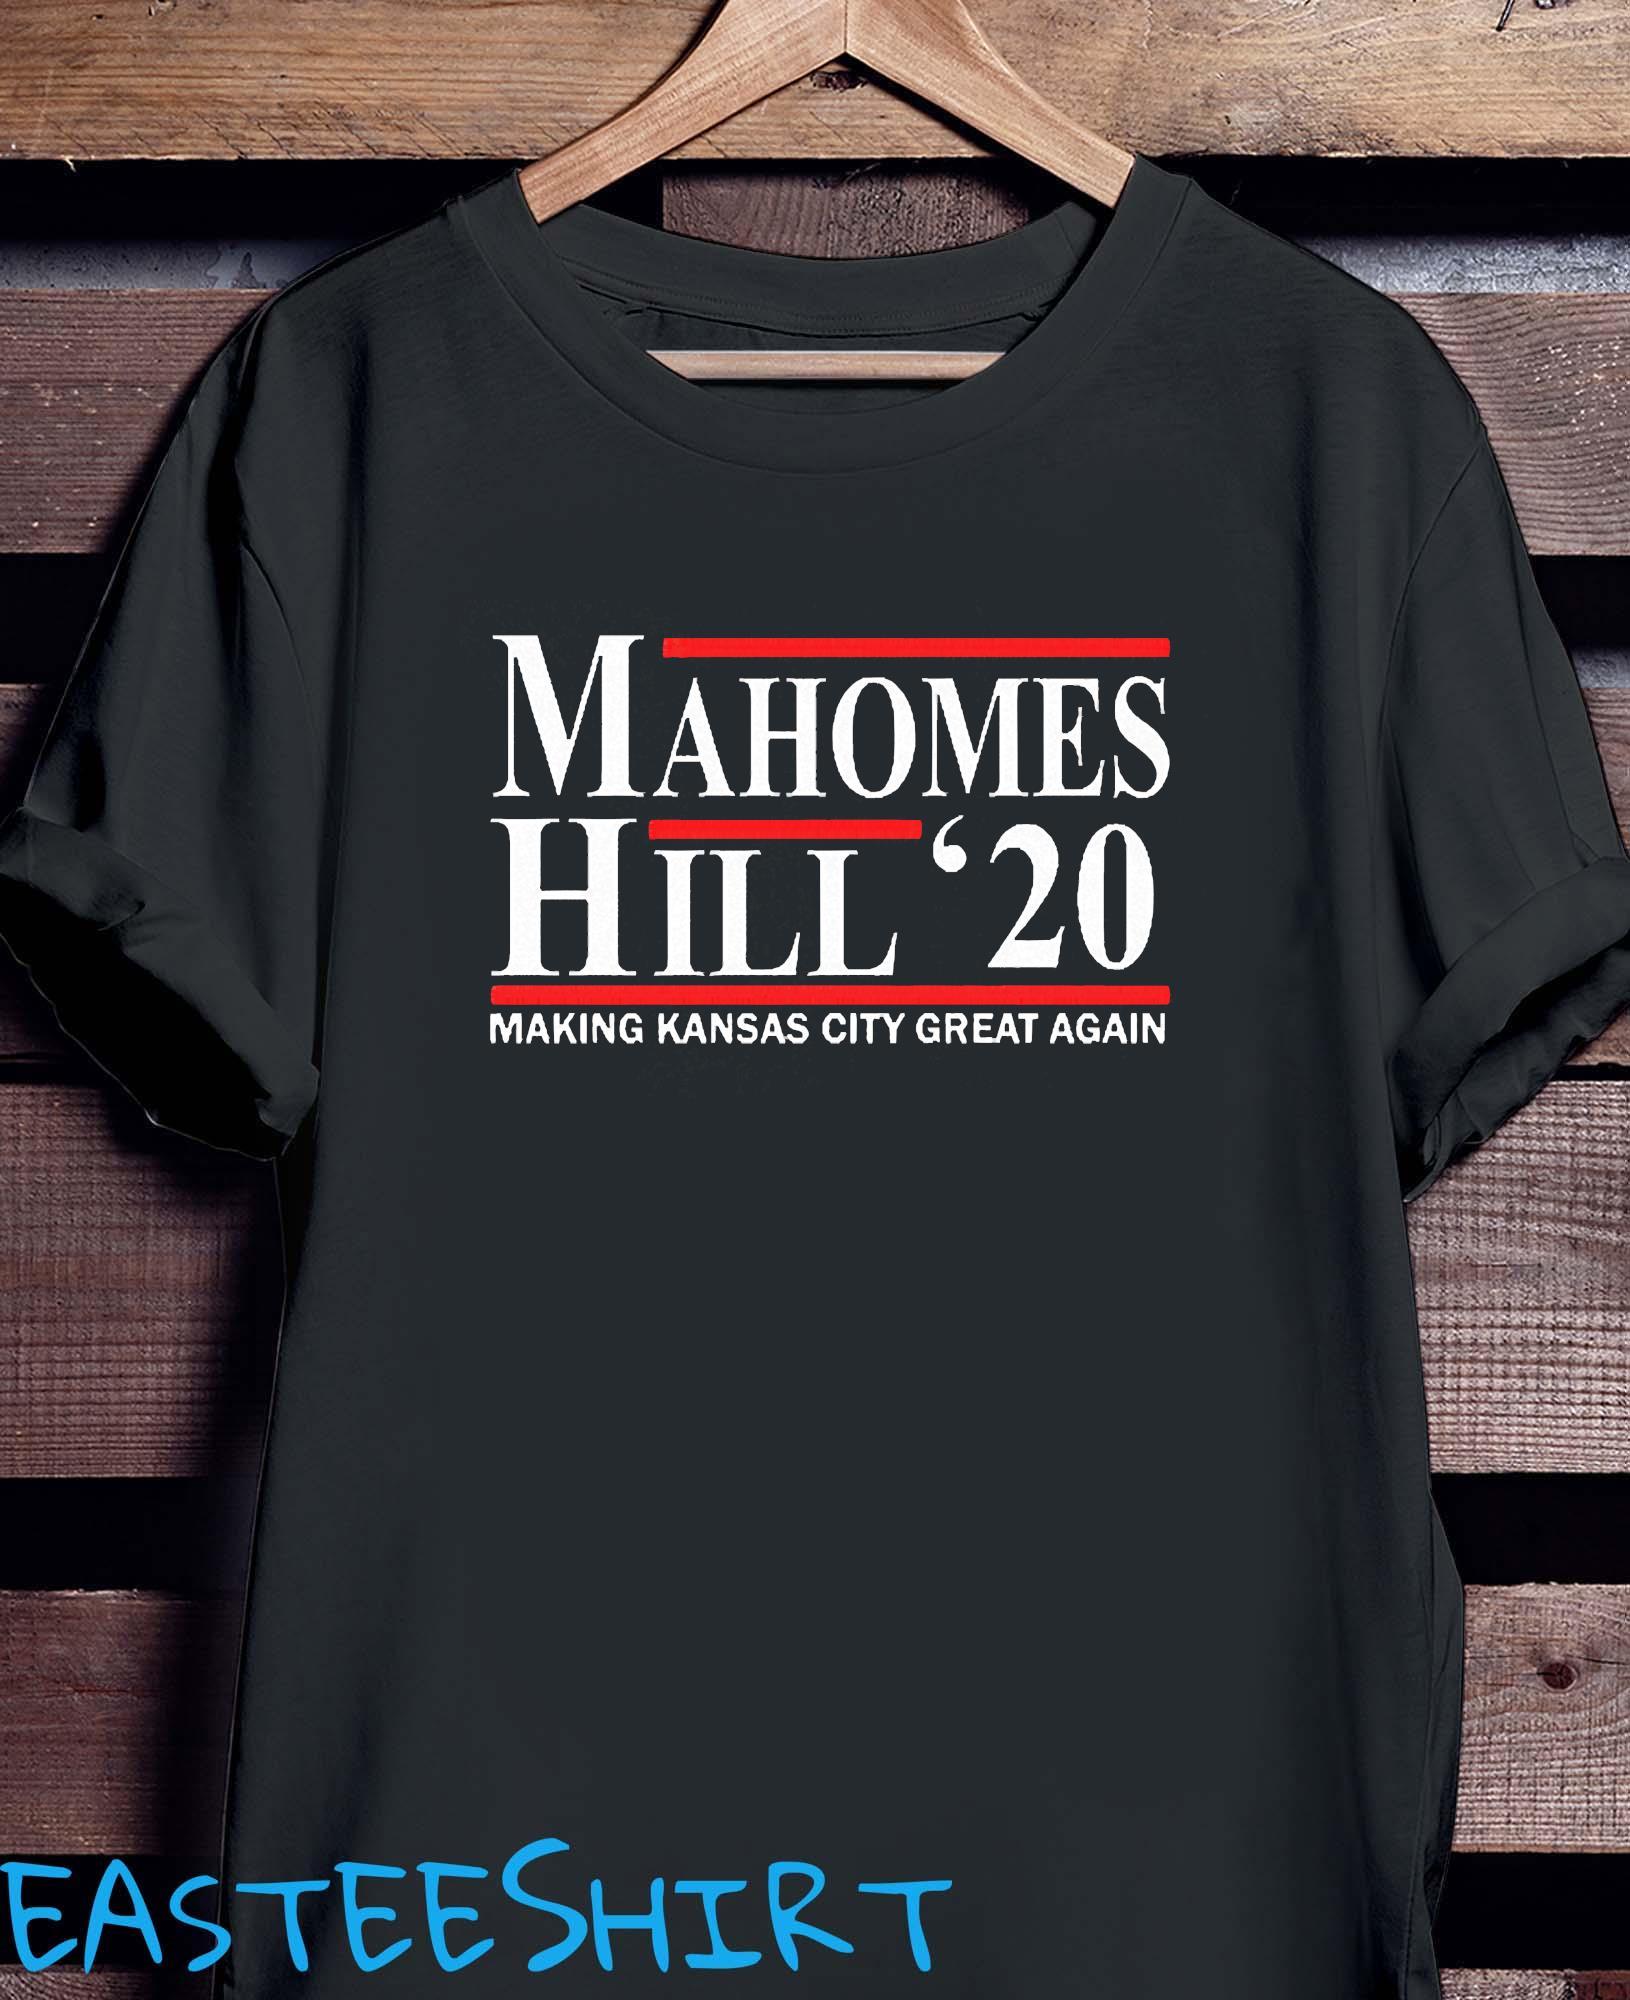 Mahomes Hill 2020 Make Kansas City Great Again Shirt